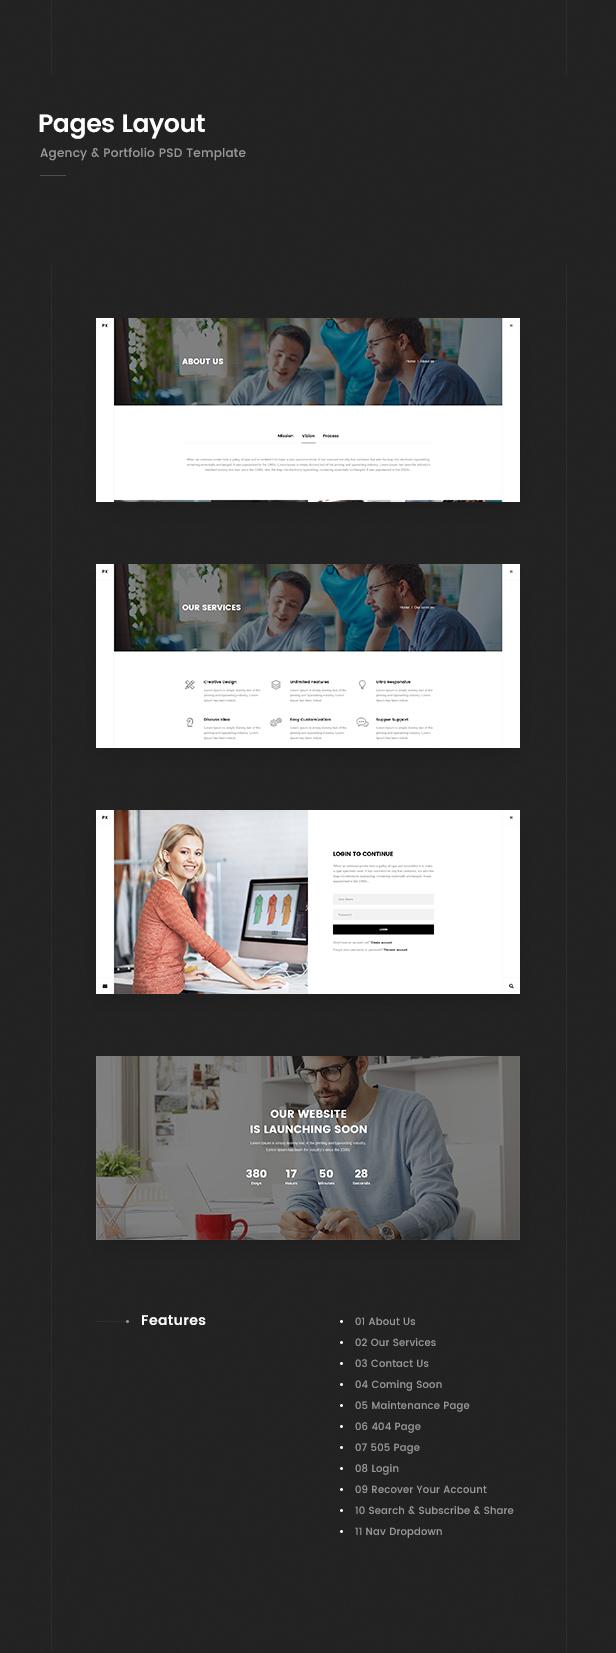 Prex   Creative Agency & Portfolio PSD Template - 3